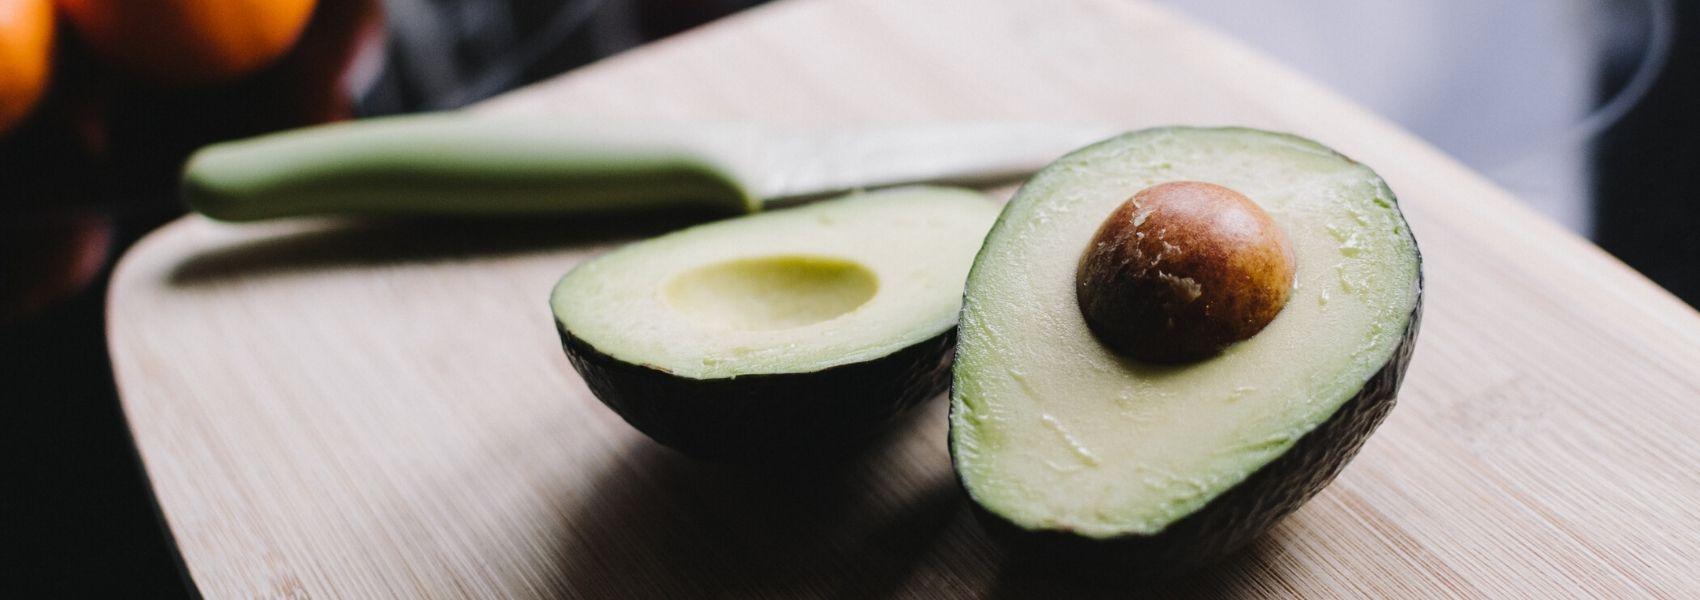 Os abacates podem ajudar a controlar a obesidade e a prevenir a diabetes